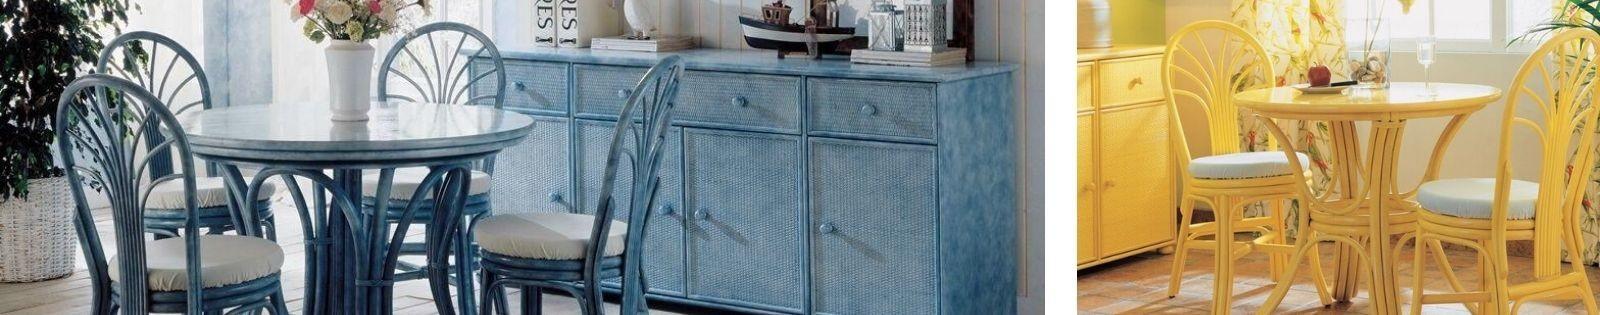 Table de salle à manger en rotin de qualité. Fabrication artisanale.